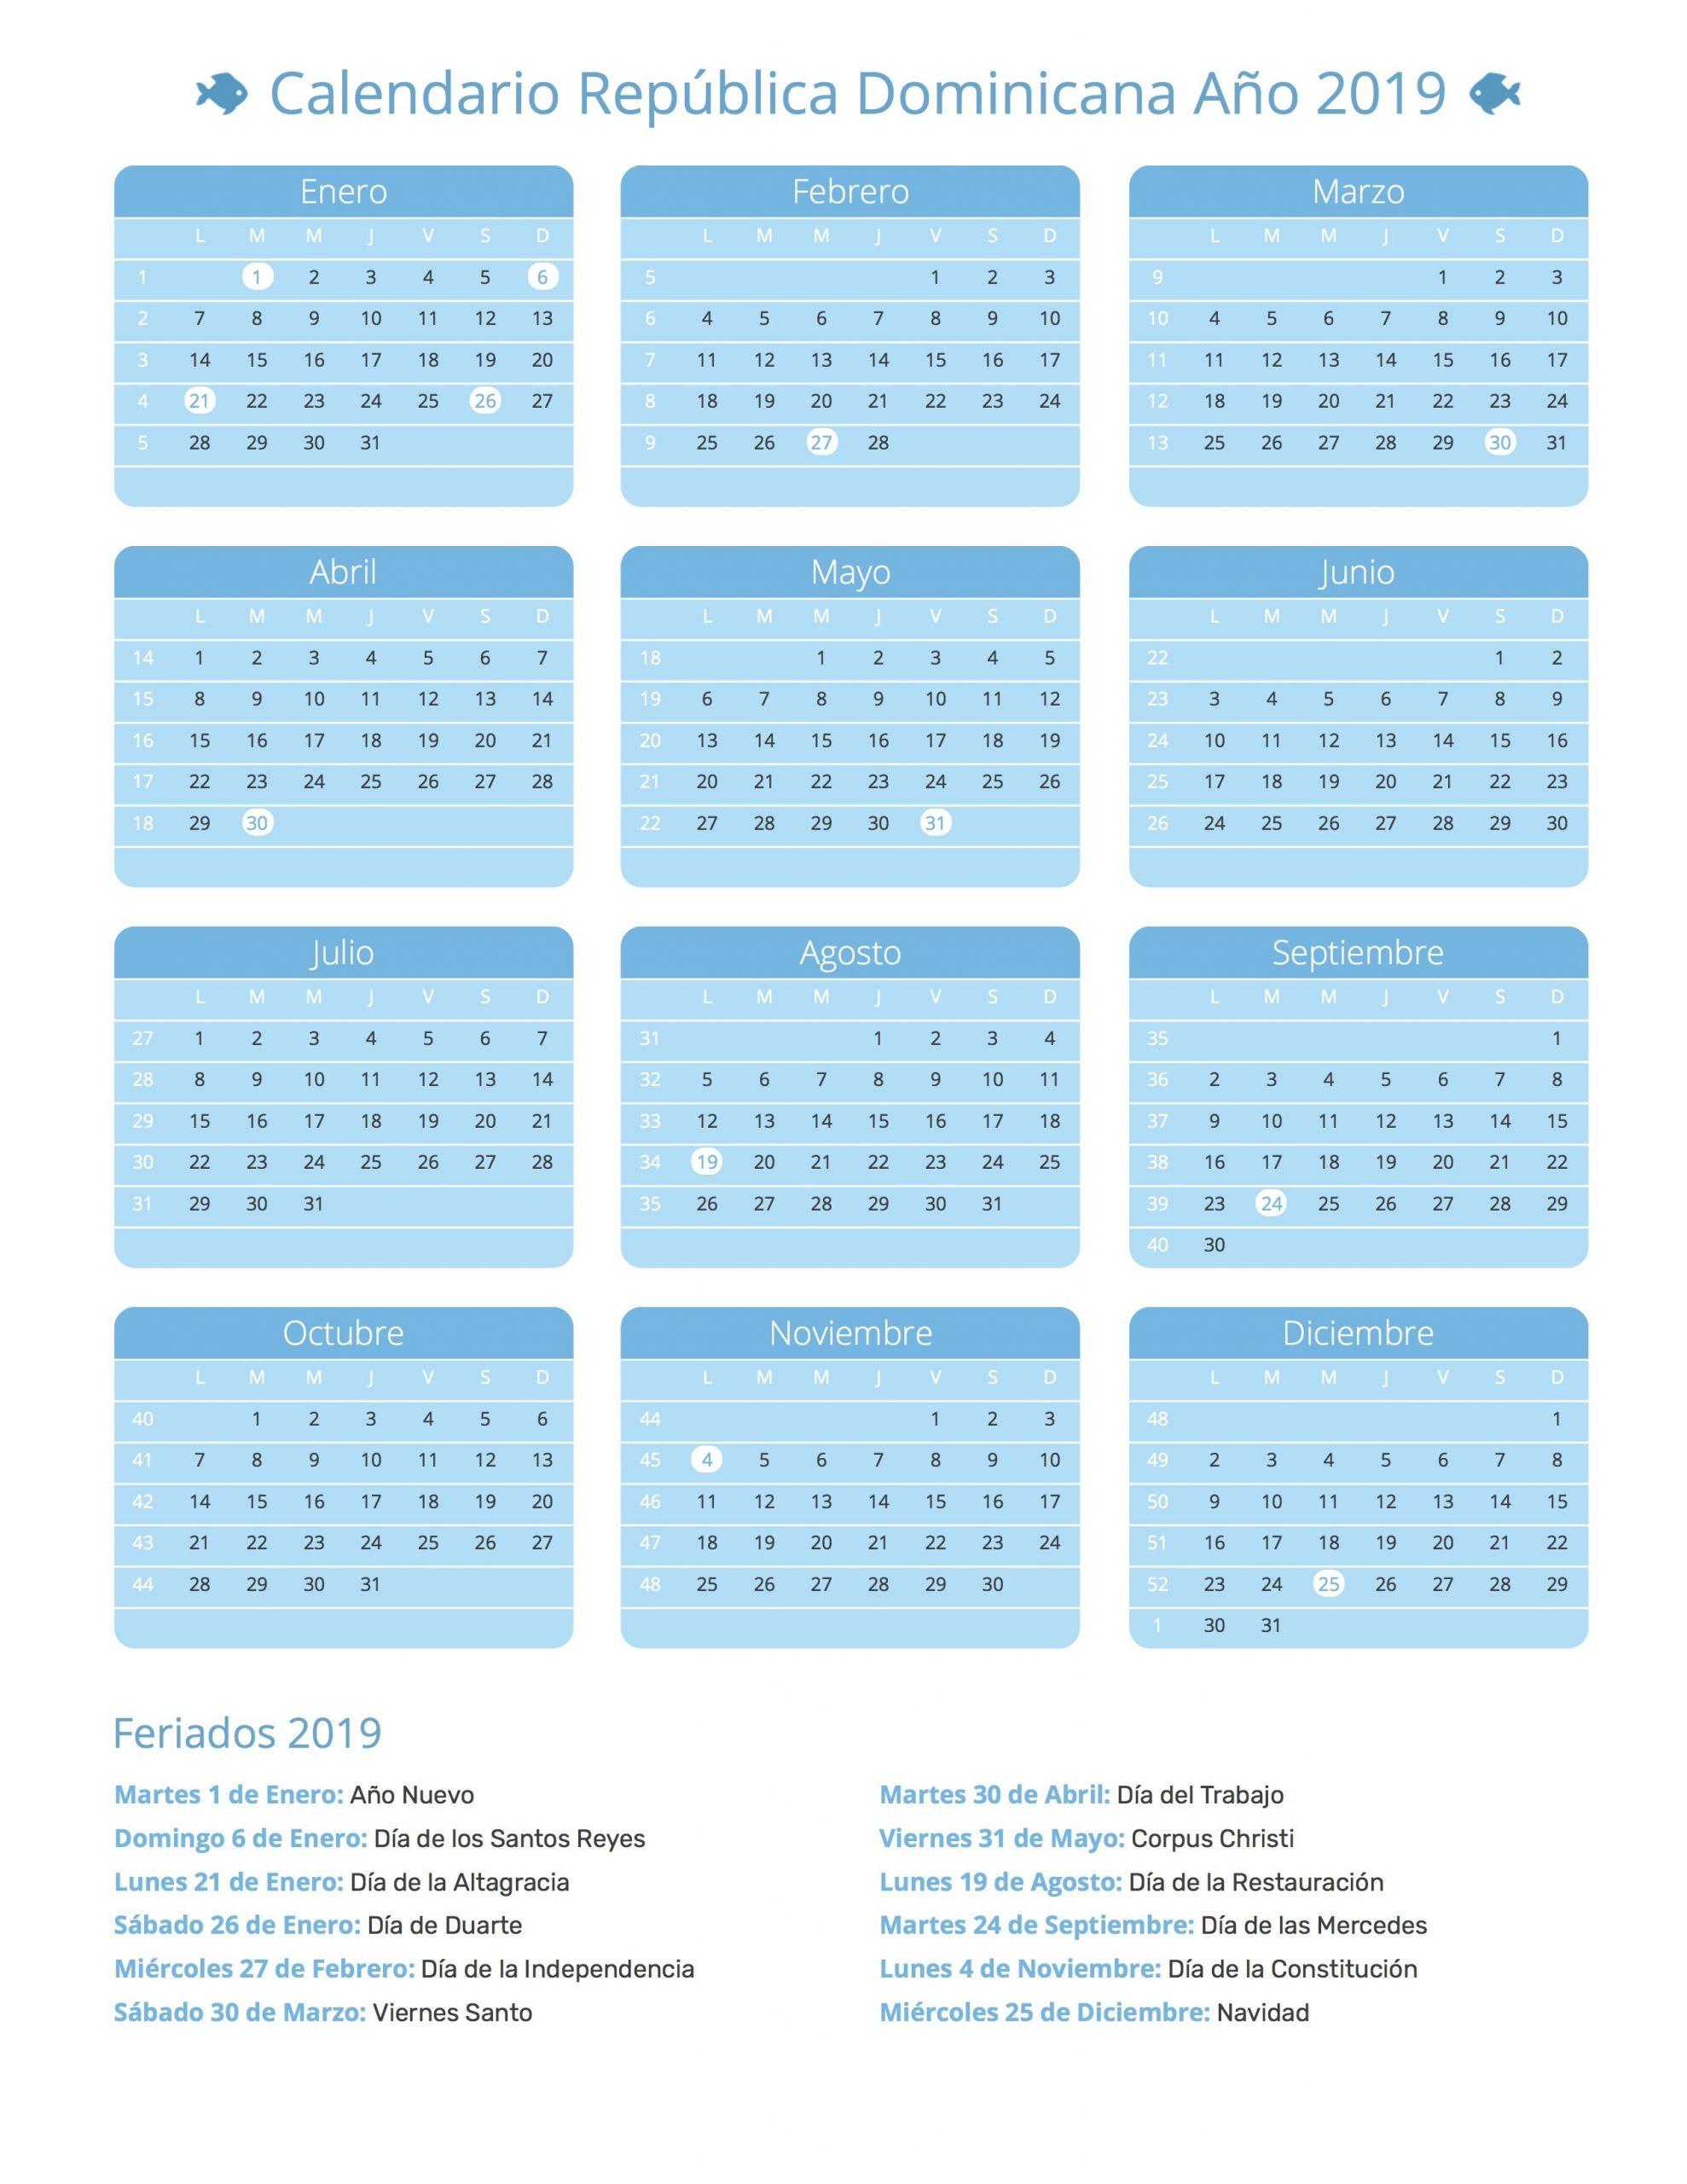 Calendario 2020 Bolivia Con Feriados Para Imprimir Más Reciente Investigar Calendario Anual 2019 Chile Para Imprimir Of Calendario 2020 Bolivia Con Feriados Para Imprimir Más Recientemente Liberado Calendario Septiembre 2015 Para Imprimir Corto